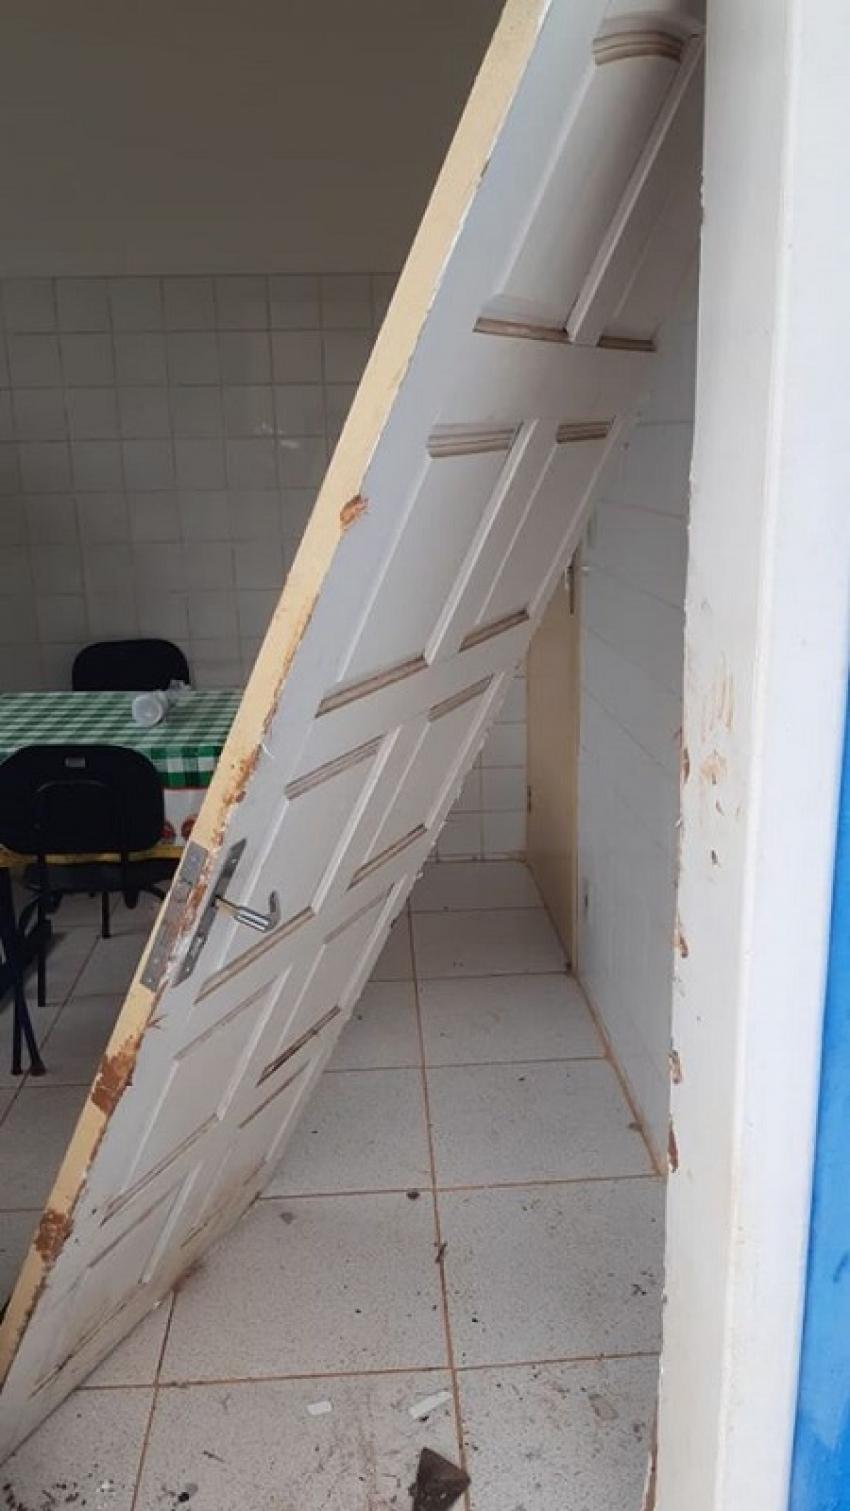 Unidade de Saúde Básica de Lagoa de santo Antônio foi arrombada e vários objetos furtados